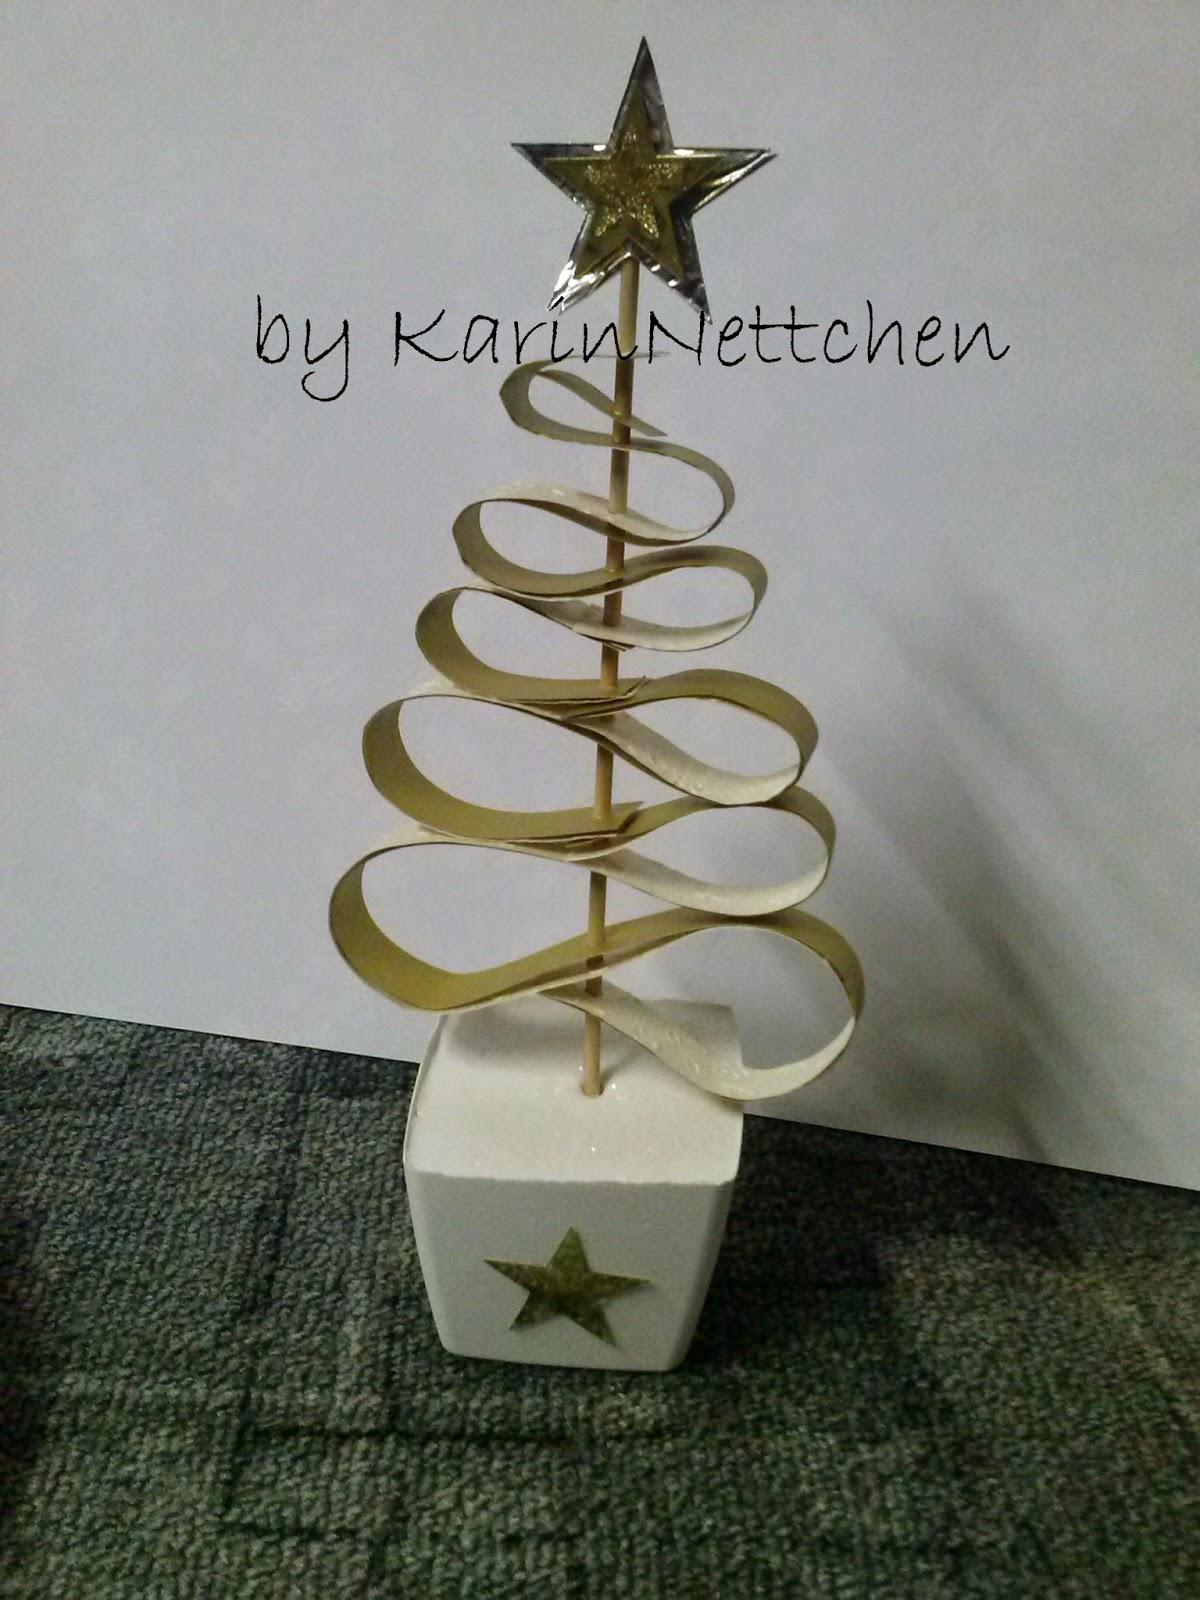 karinnettchen neue ideen zu weihnachten. Black Bedroom Furniture Sets. Home Design Ideas